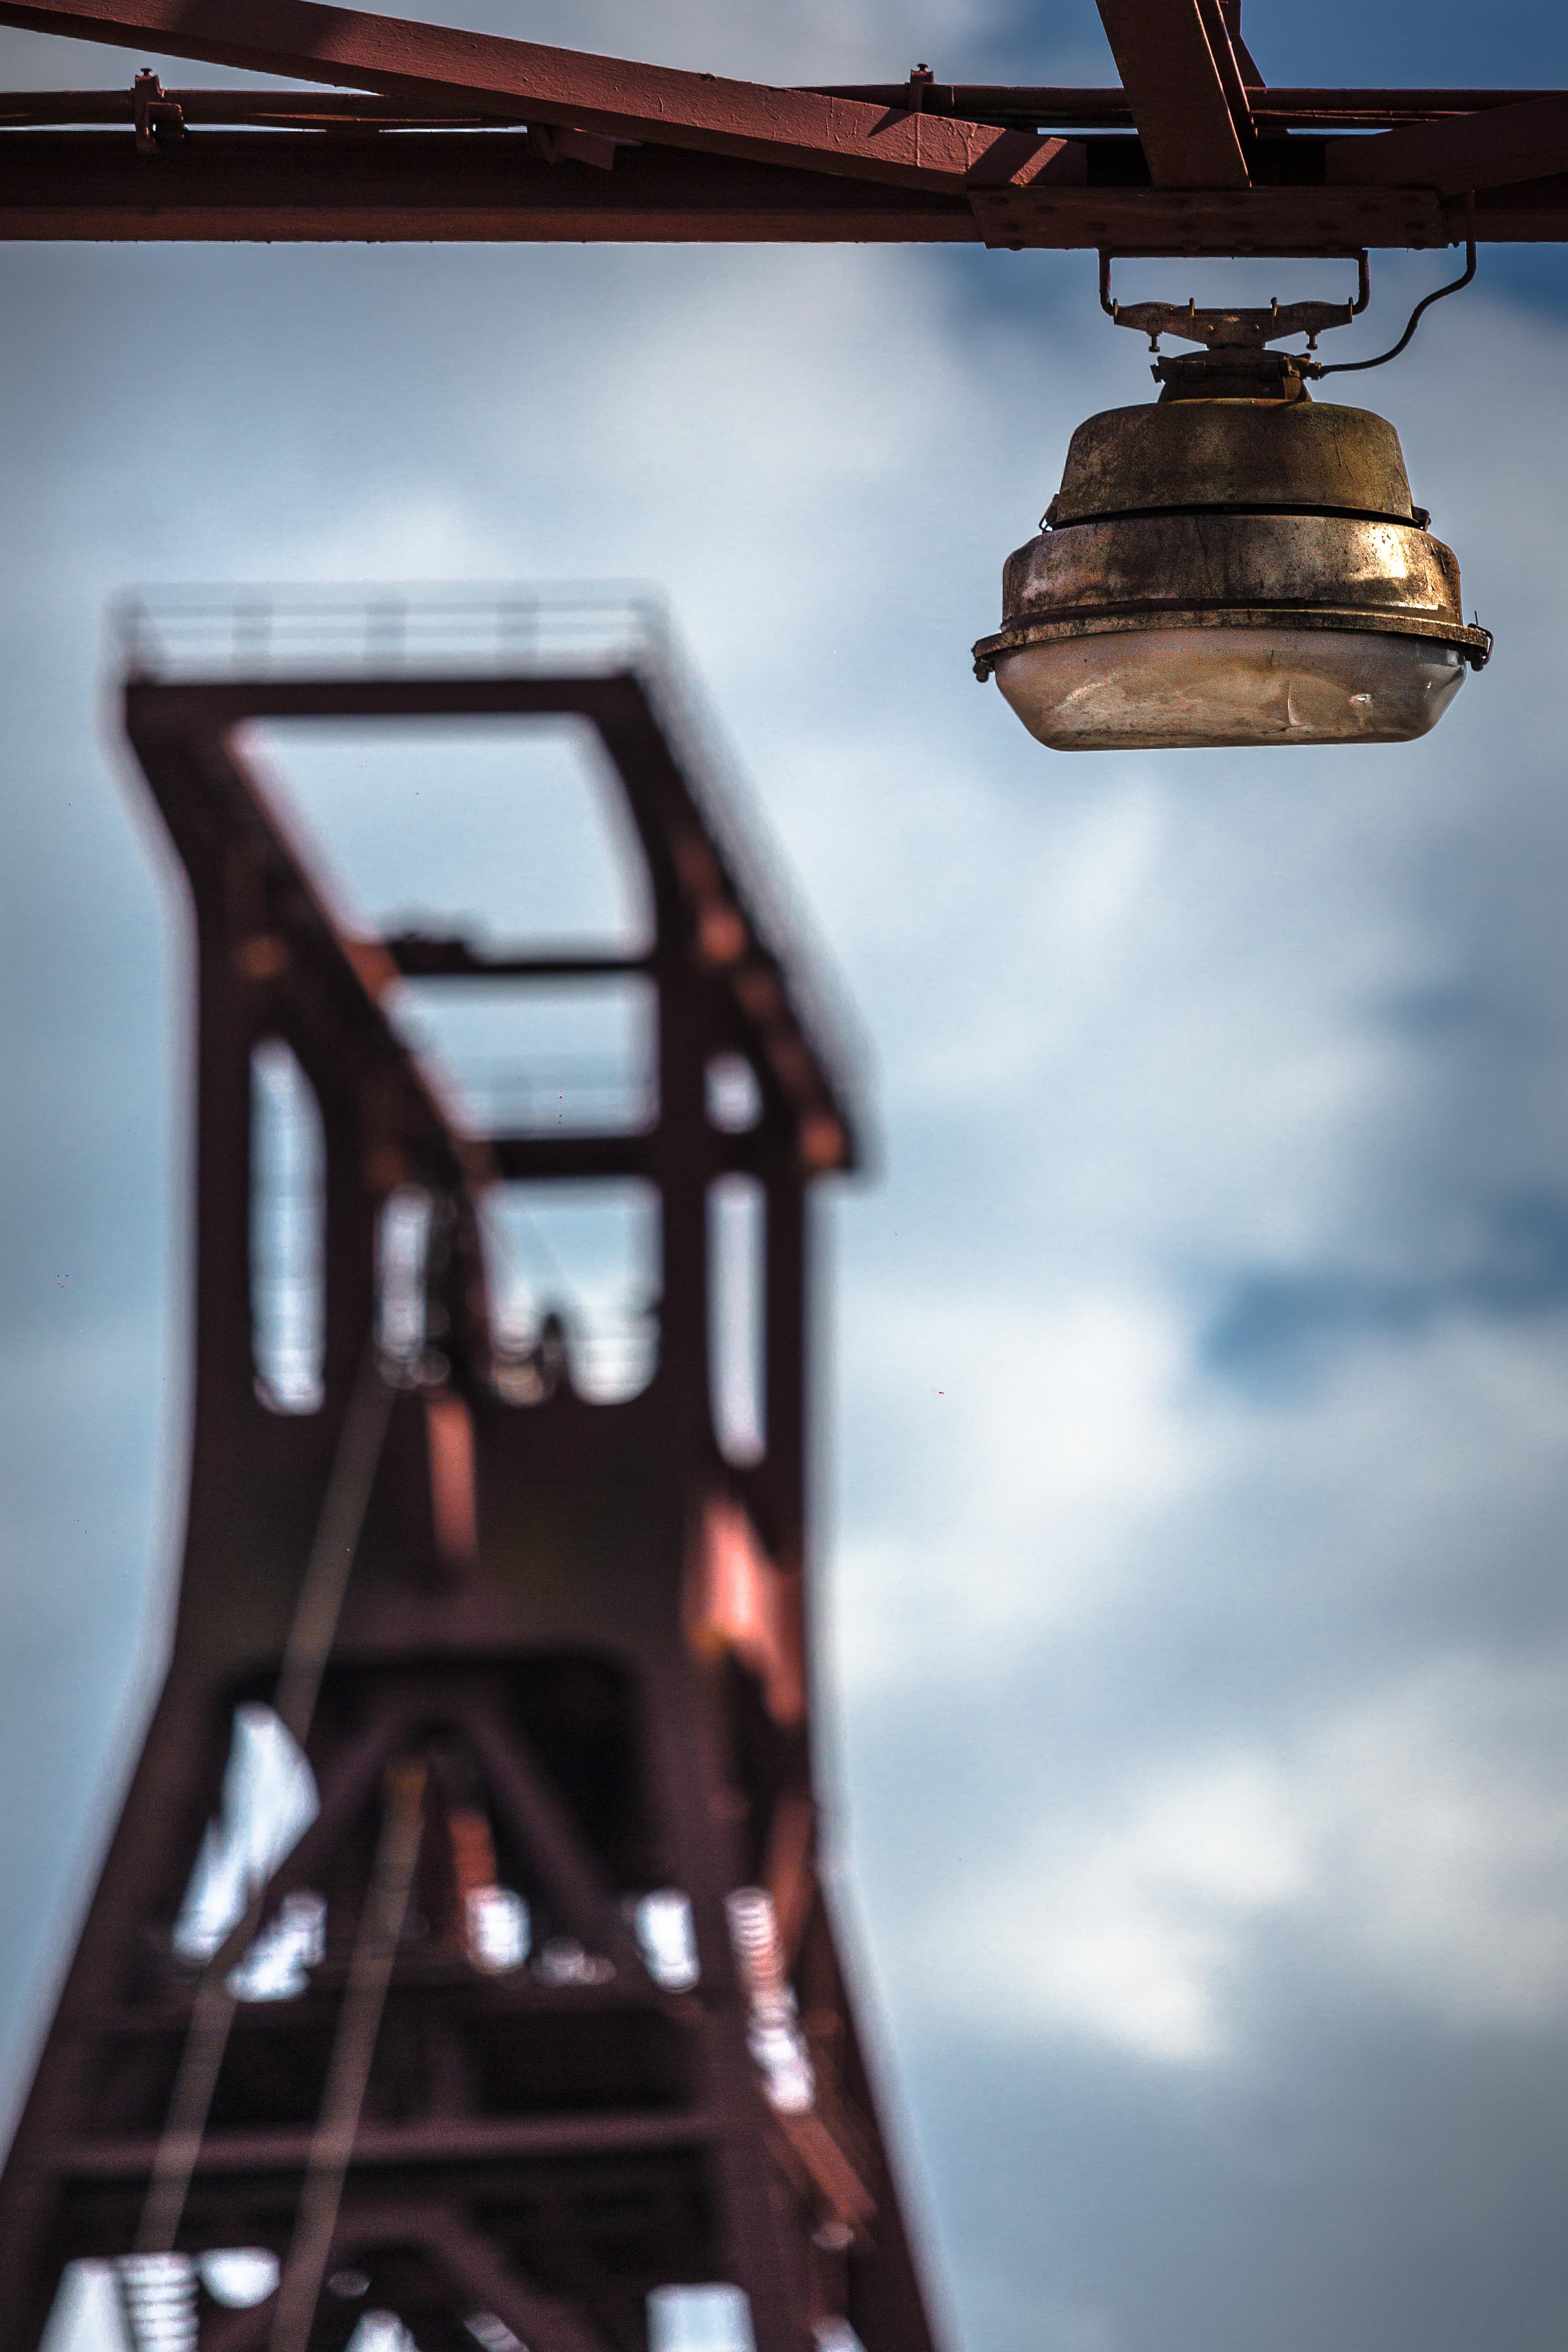 20180623_252_Zollverein_Essen-4